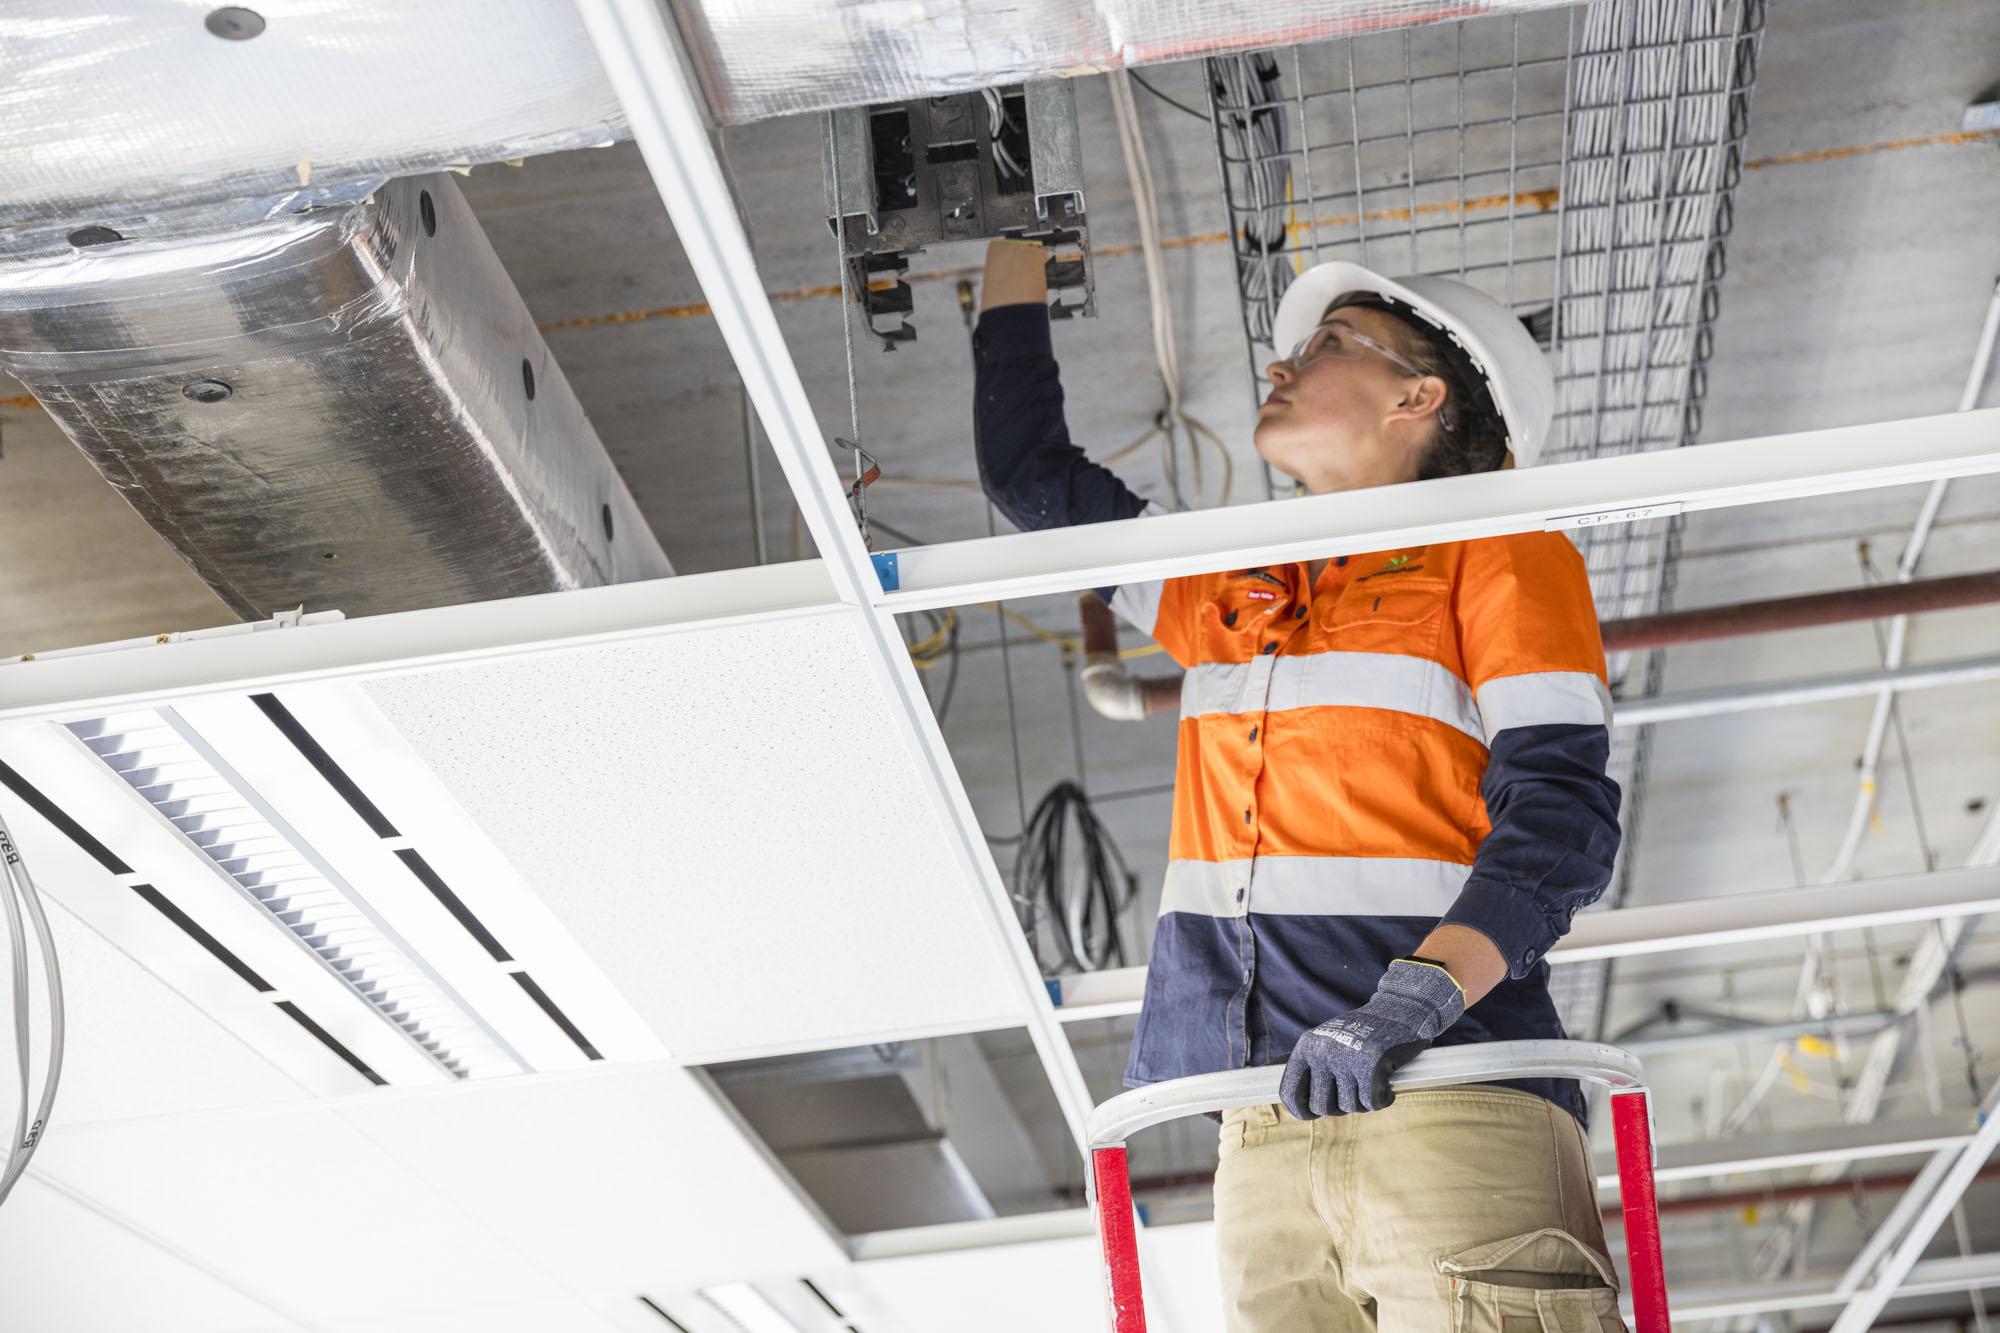 Programmed tradie working in ceiling